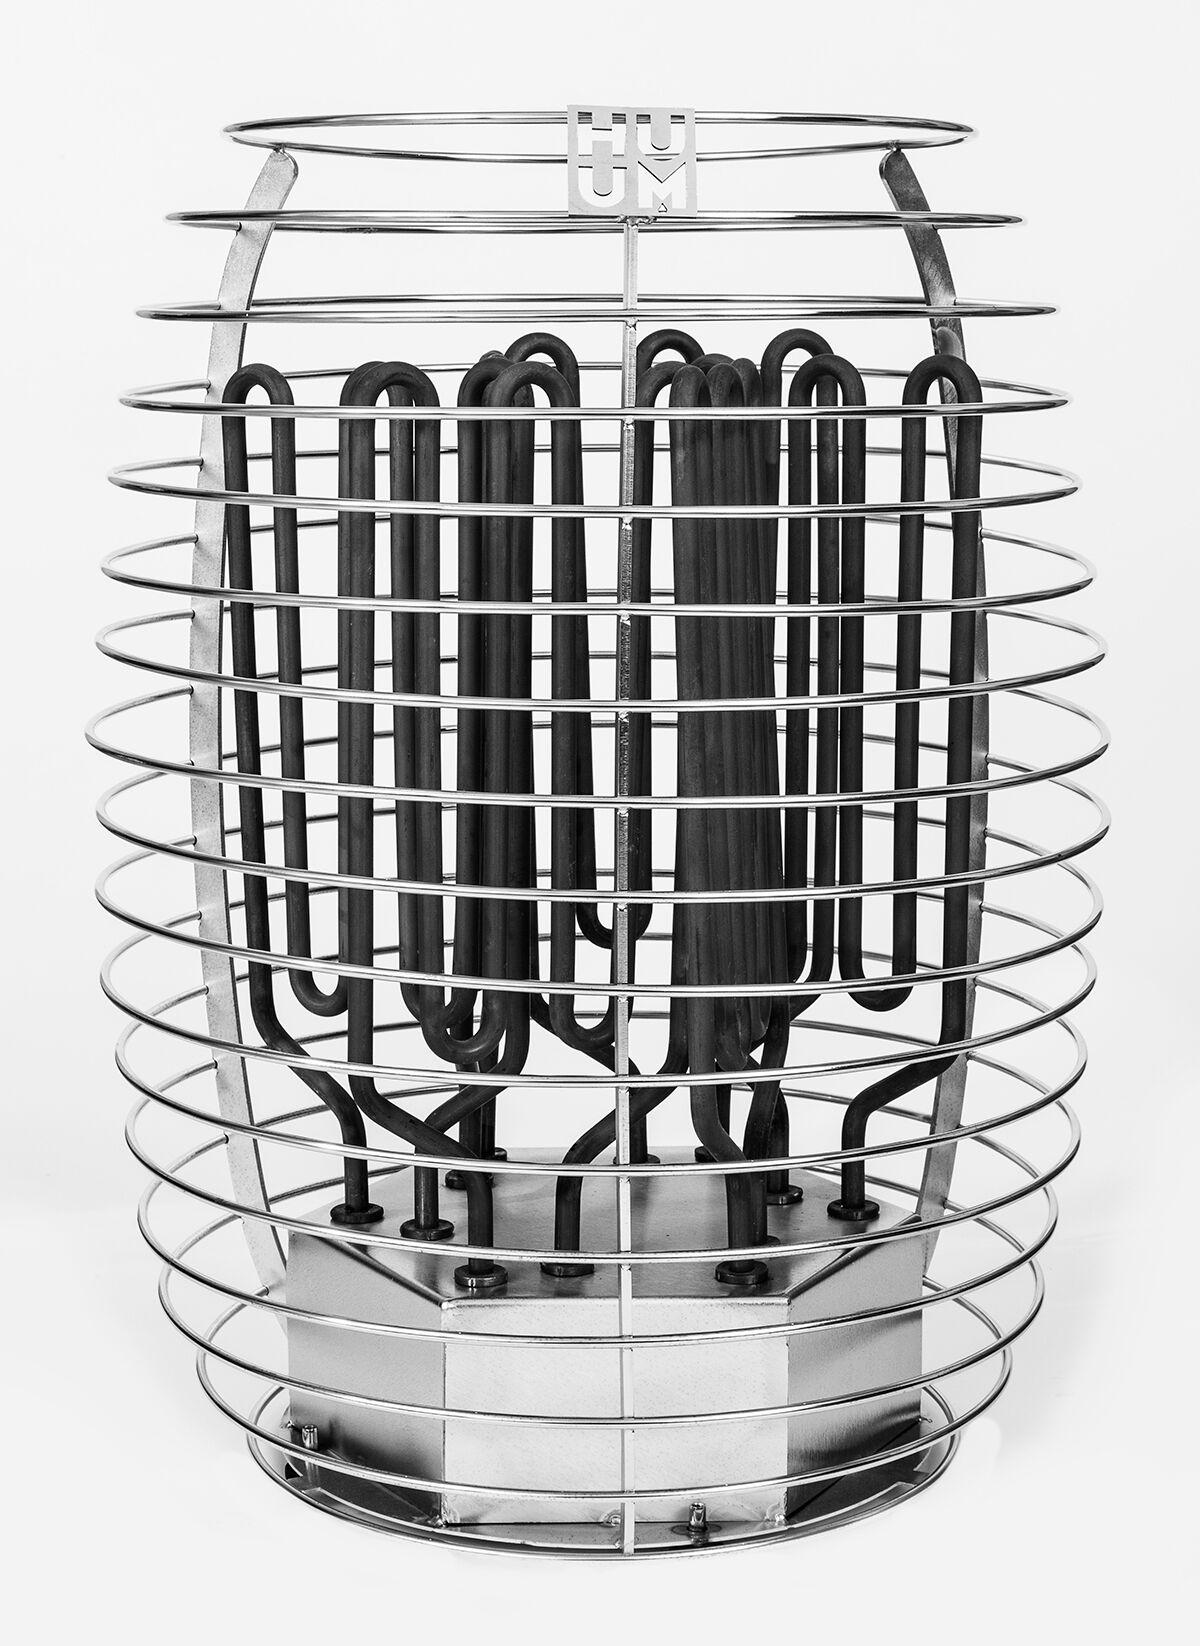 инструкция по бани водяной бкл с эл. плиткой